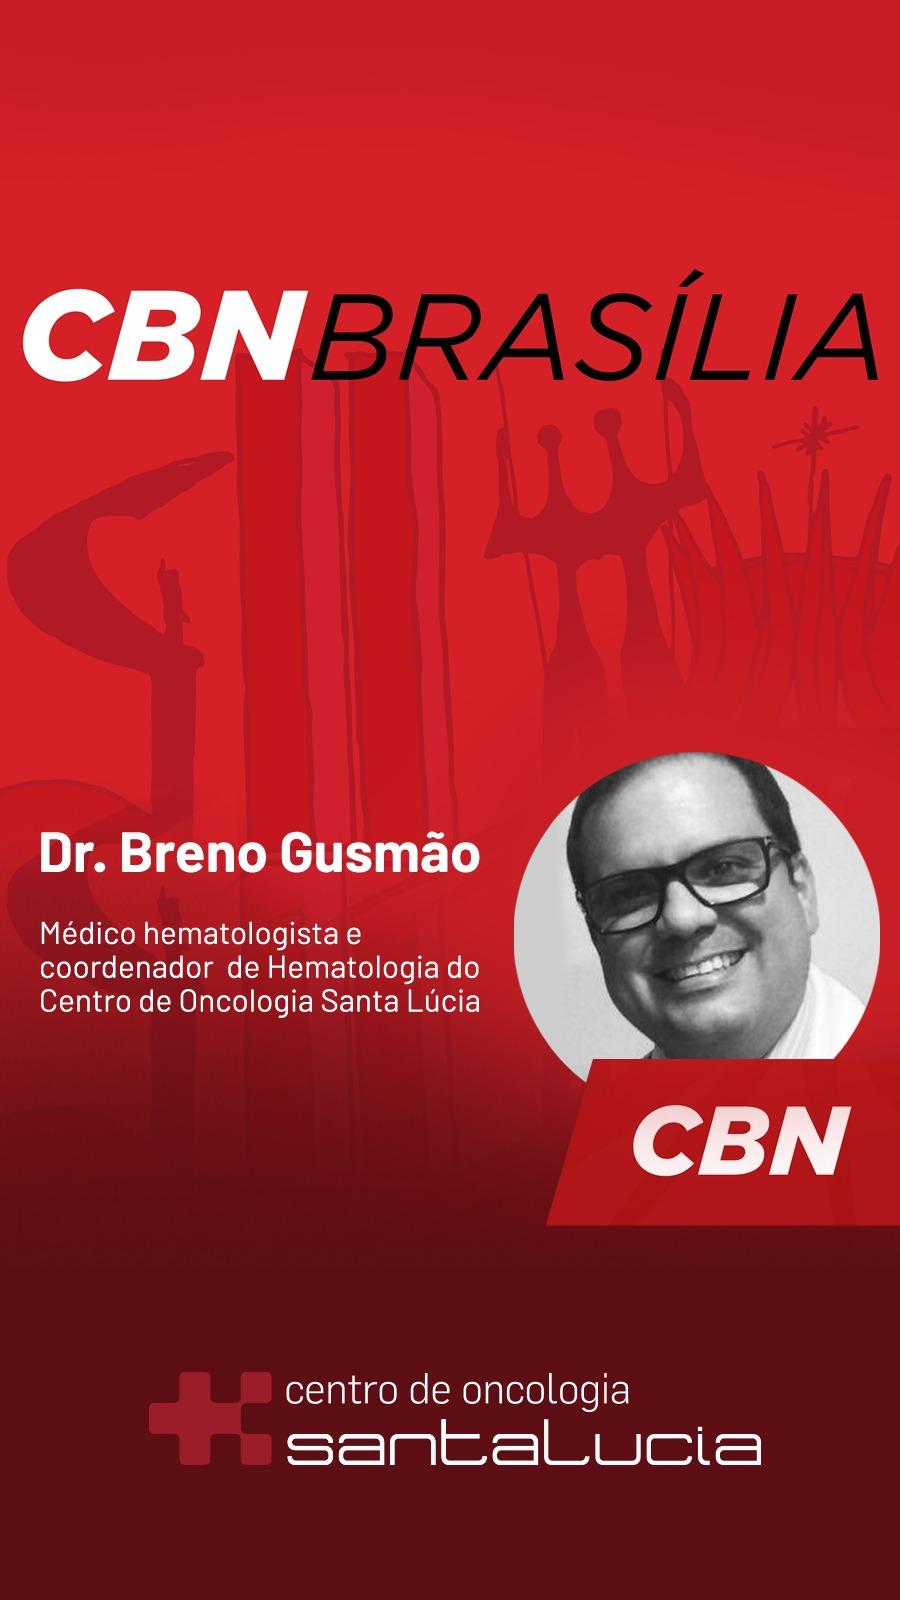 Rádio CBN Brasília - Dr. Breno Gusmão HSLS - 04-10-2018